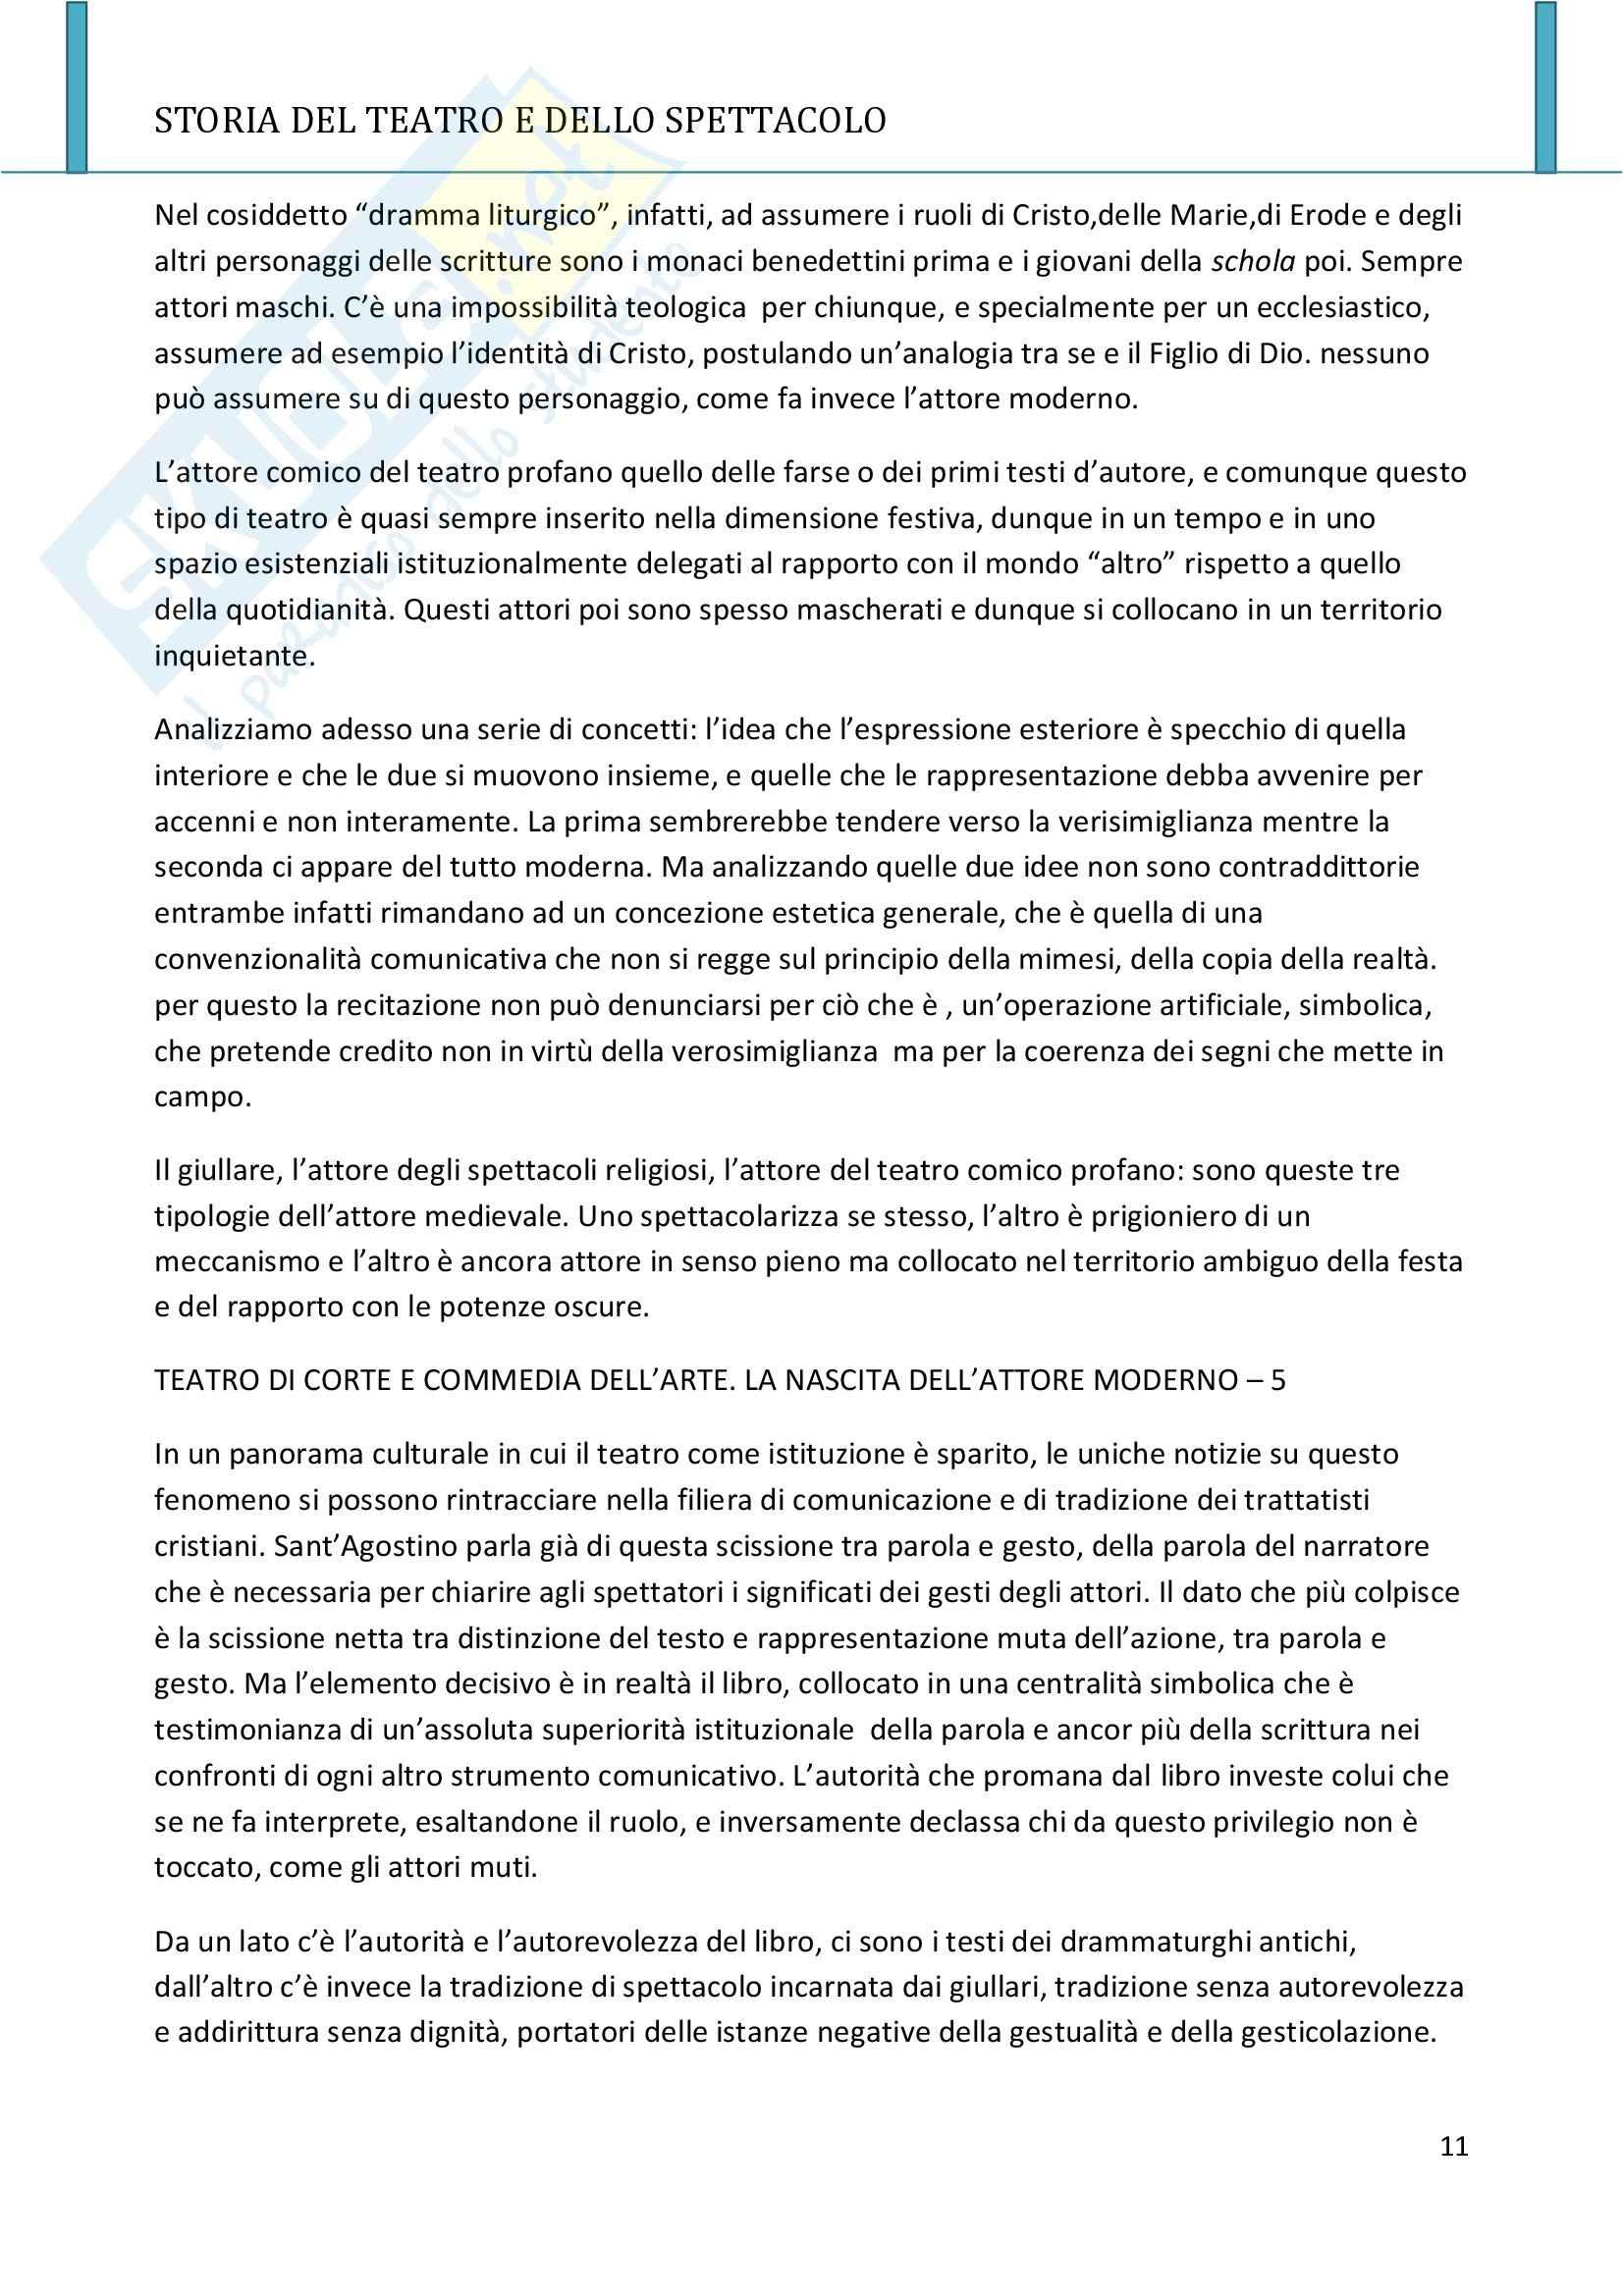 Riassunto esame Storia del teatro e dello spettacolo, prof. Allegri, libro consigliato L'arte e il mestiere, Luigi Allegri Pag. 11